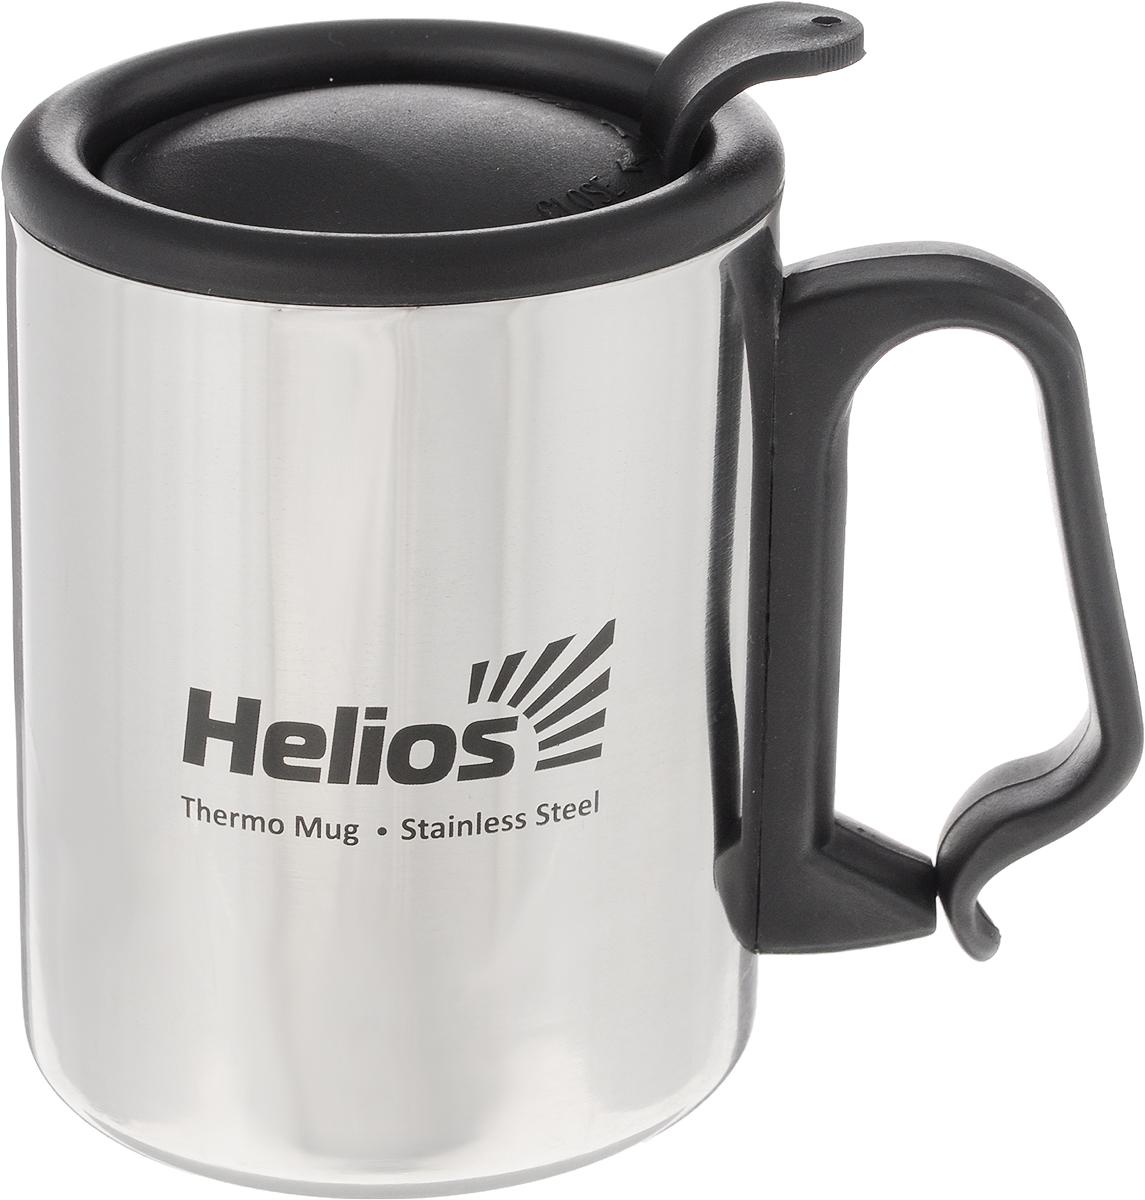 Термокружка Helios HS TK-007, с крышкой-поилкой, 350 мл128984Термокружка Helios HS TK-007 предназначена специально для горячих и холодных напитков. Она изготовлена из высококачественной нержавеющей стали. Двойная стенка гарантирует долгое сохранение температуры и убережет от ожогов при заваривании чая или кофе. Крышка-поилка из термостойкого пластика предохраняет от проливания и не дает напитку остыть. Такая кружка прекрасно сохраняет свою целостность и первозданный вид даже при многократном использовании. Диаметр кружки (по верхнему краю): 8 см. Высота кружки (без учета крышки): 10 см.